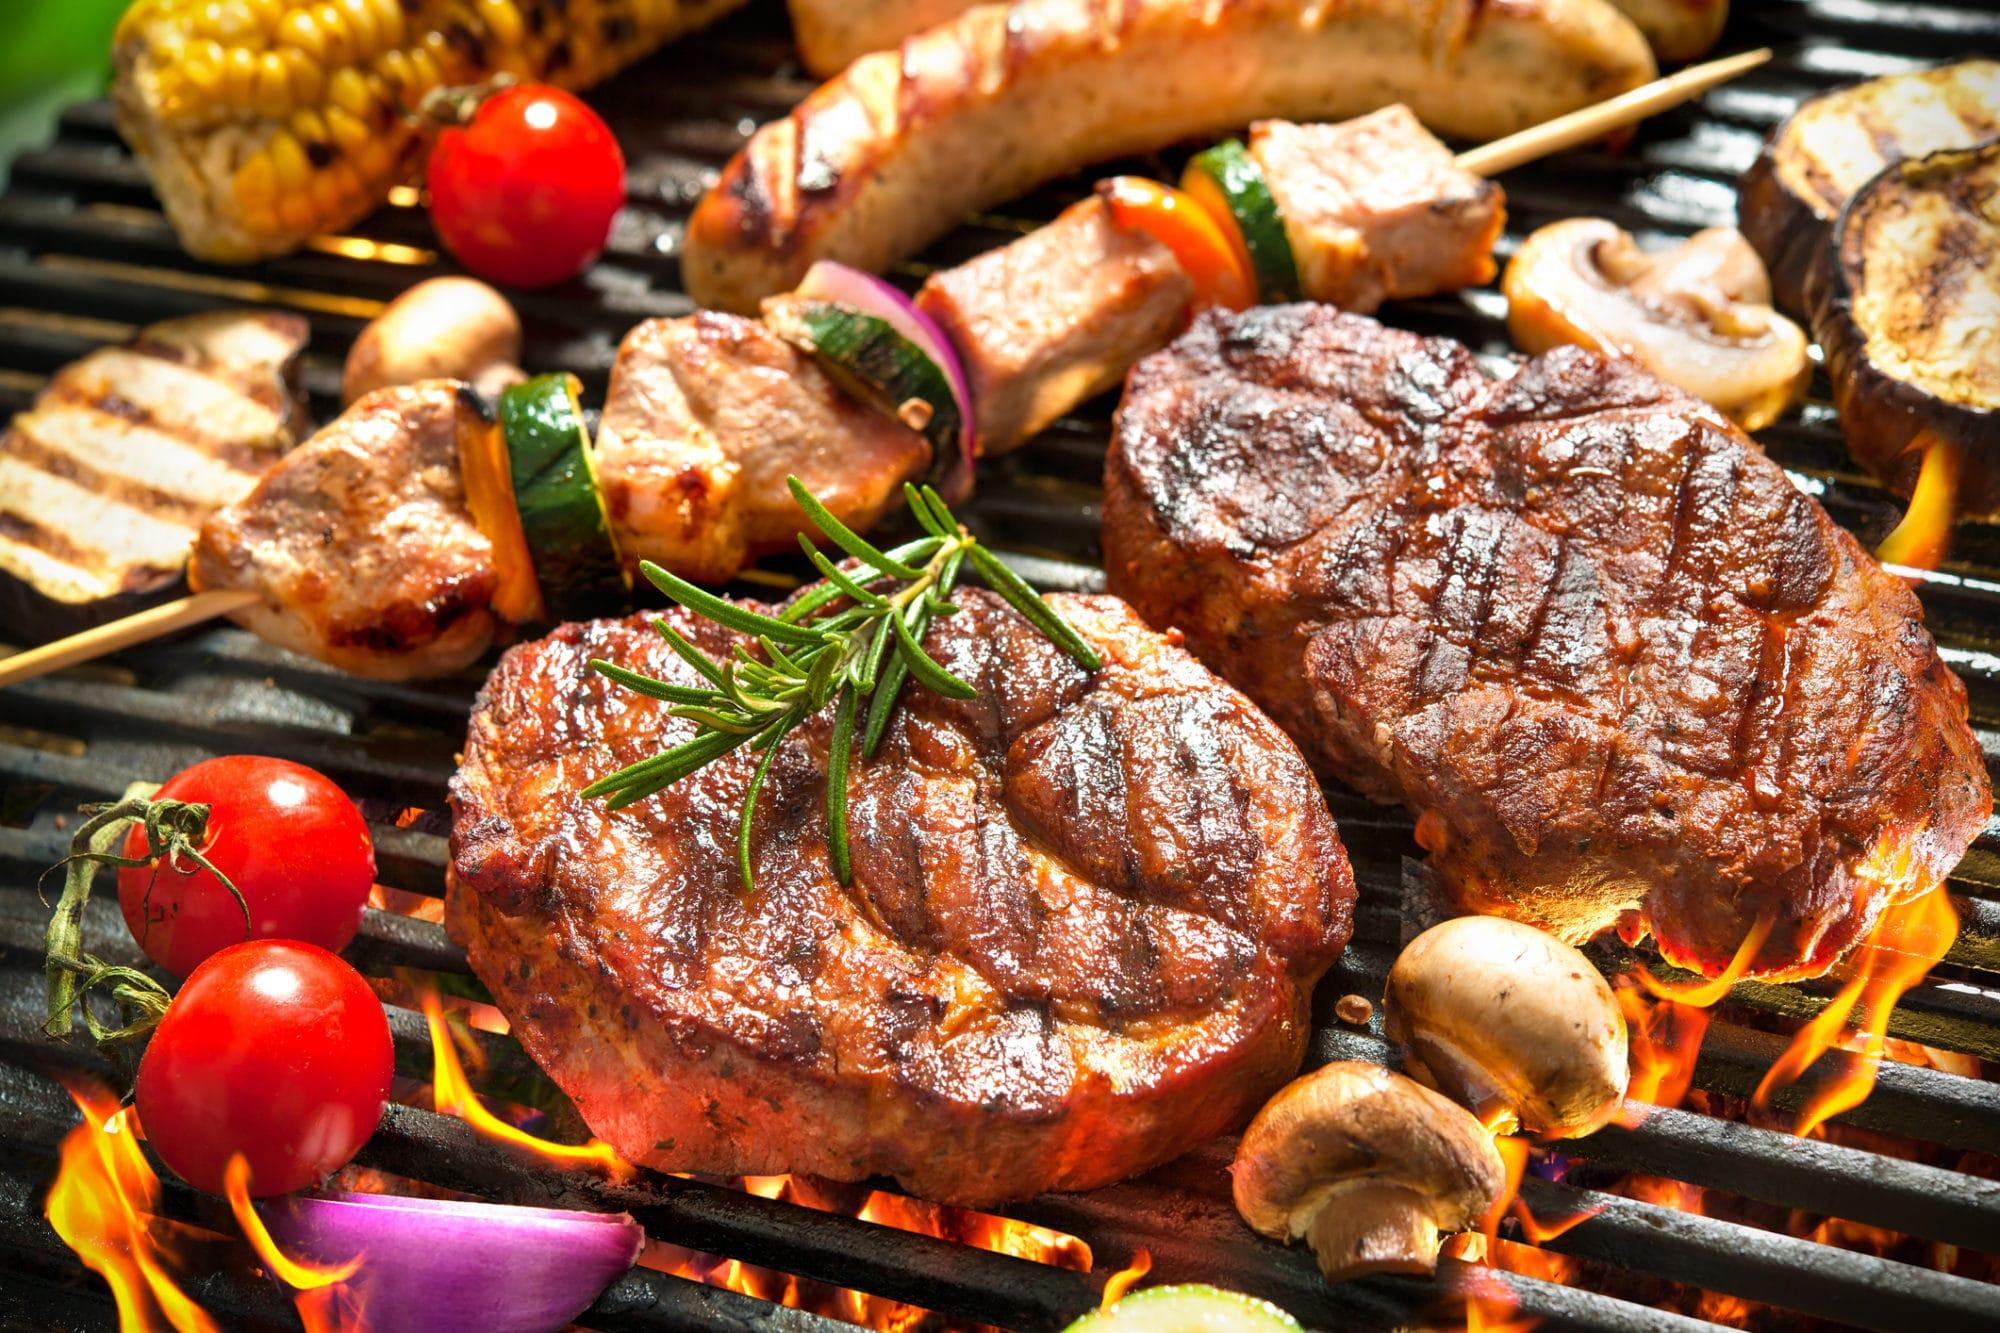 Comment Faire Un Bon Barbecue les 10 astuces pour réussir son barbecue